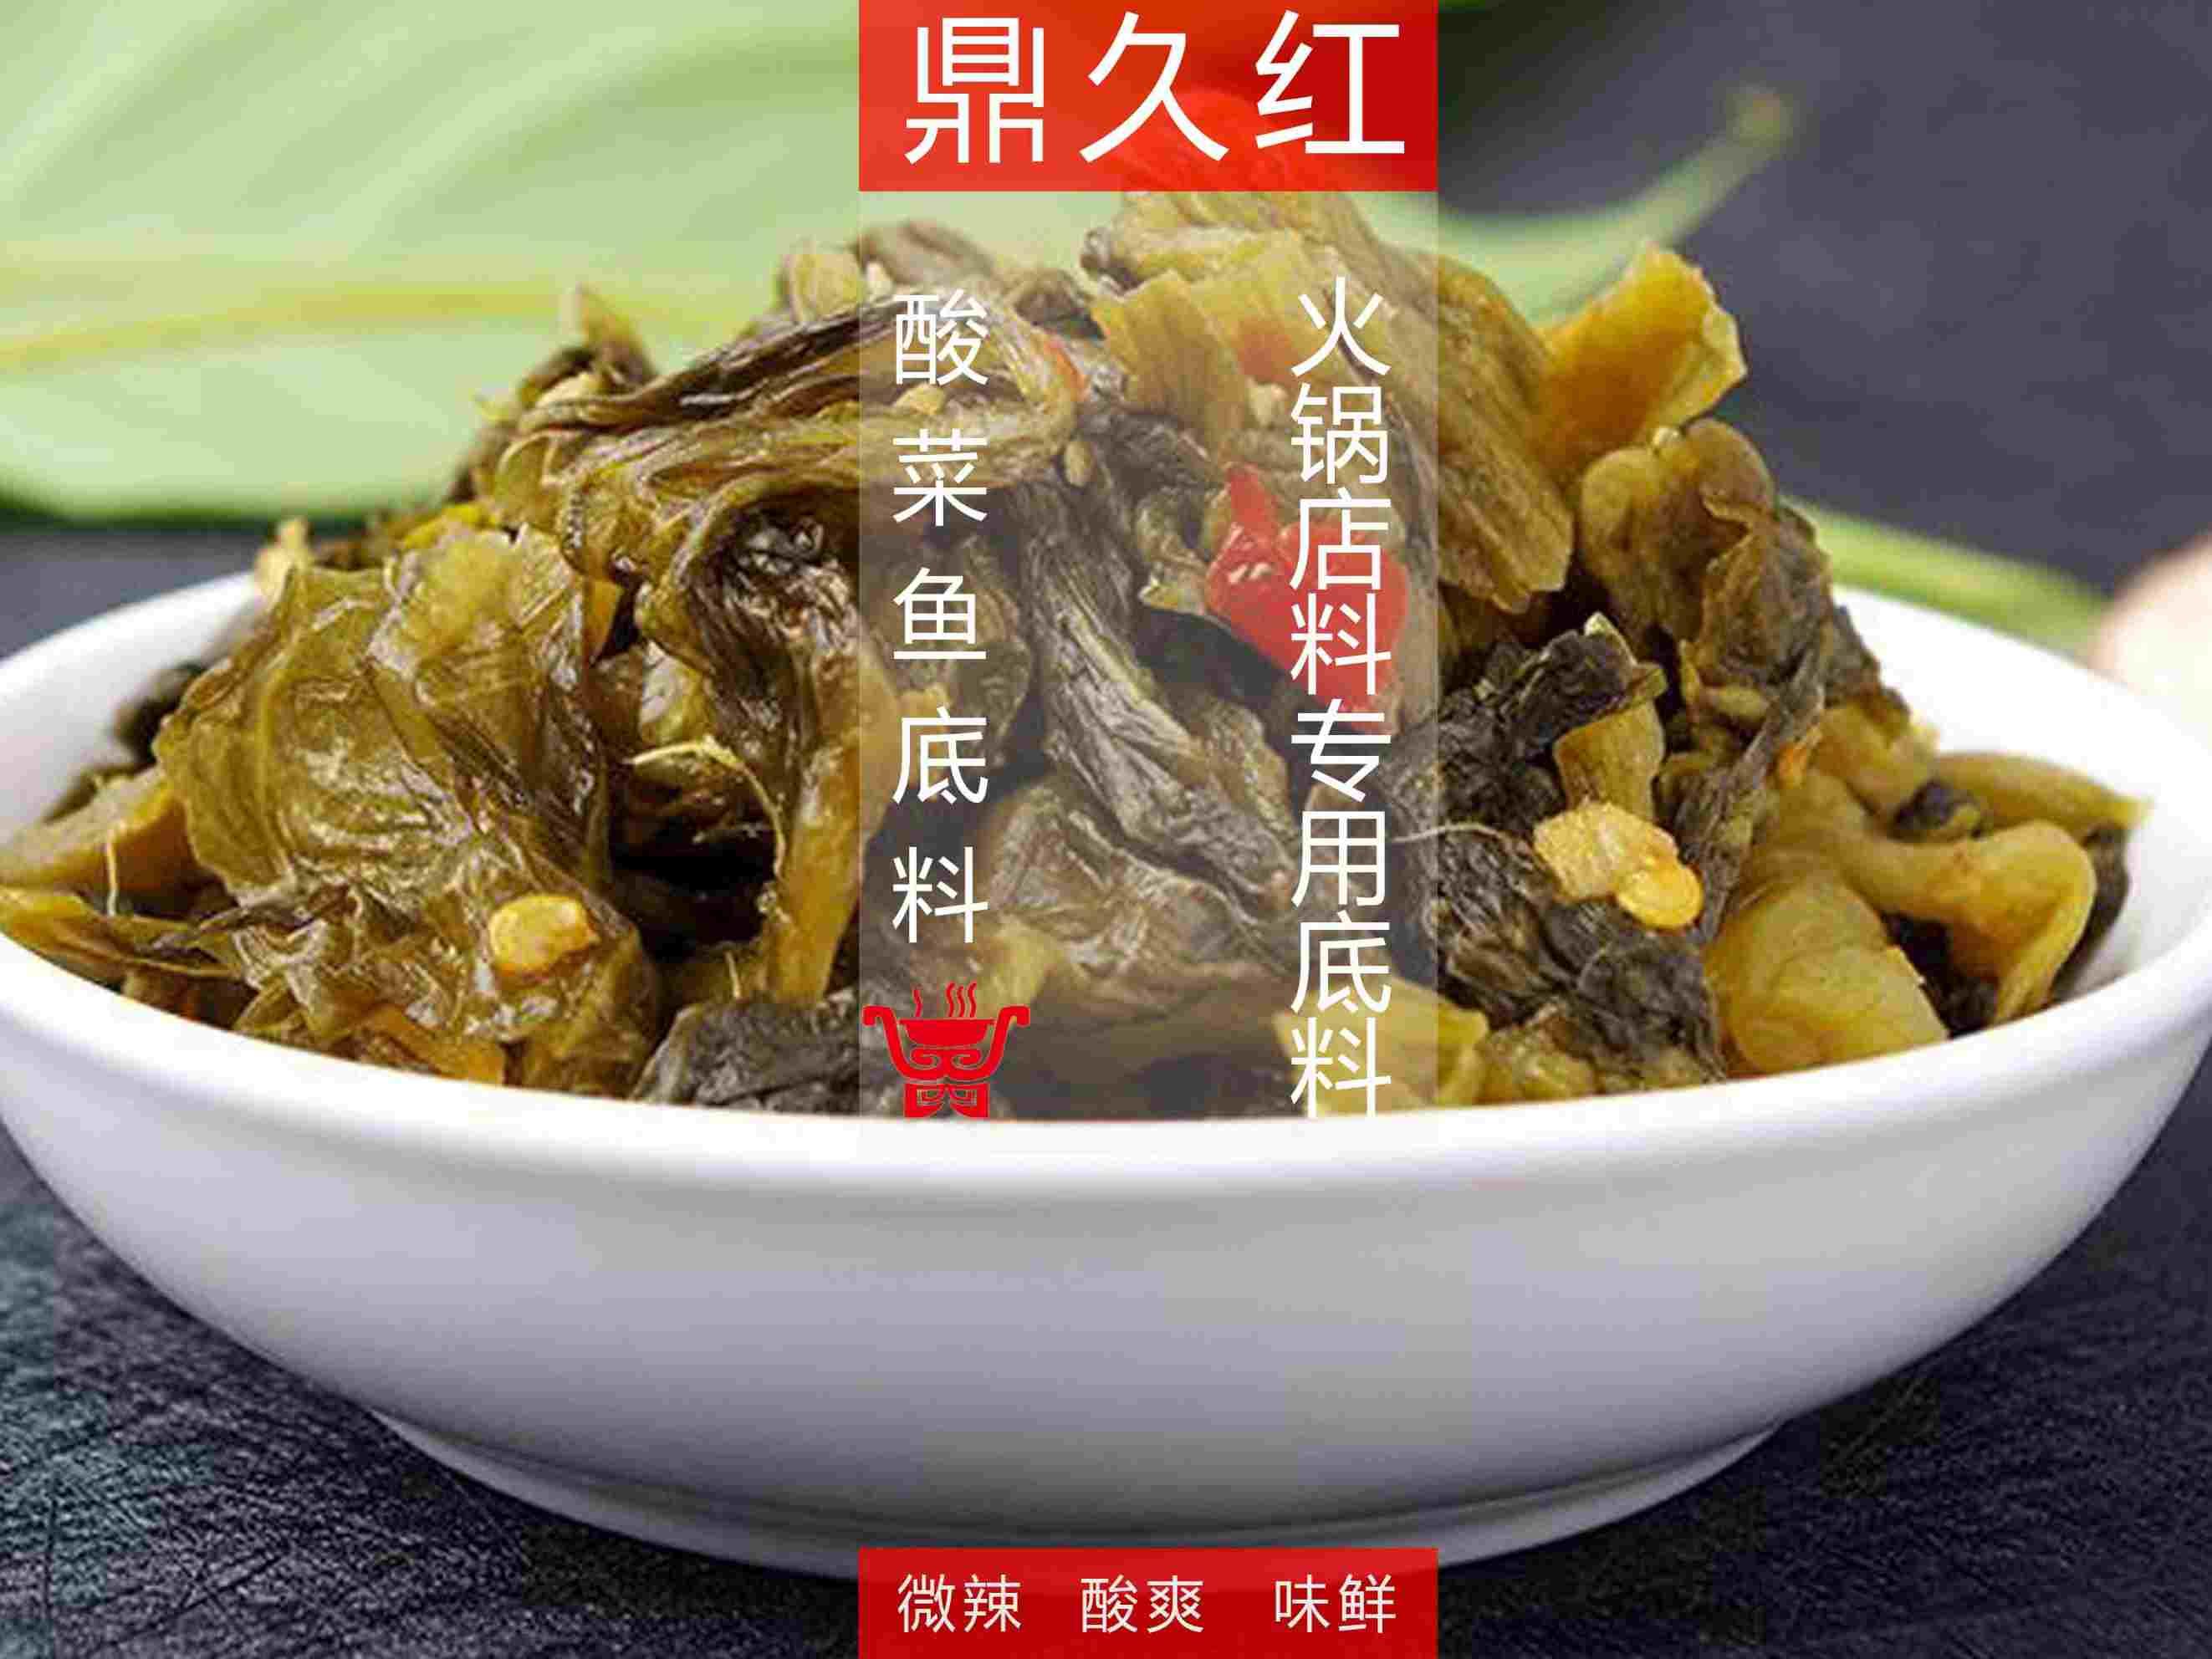 特色酸菜鱼火锅底料